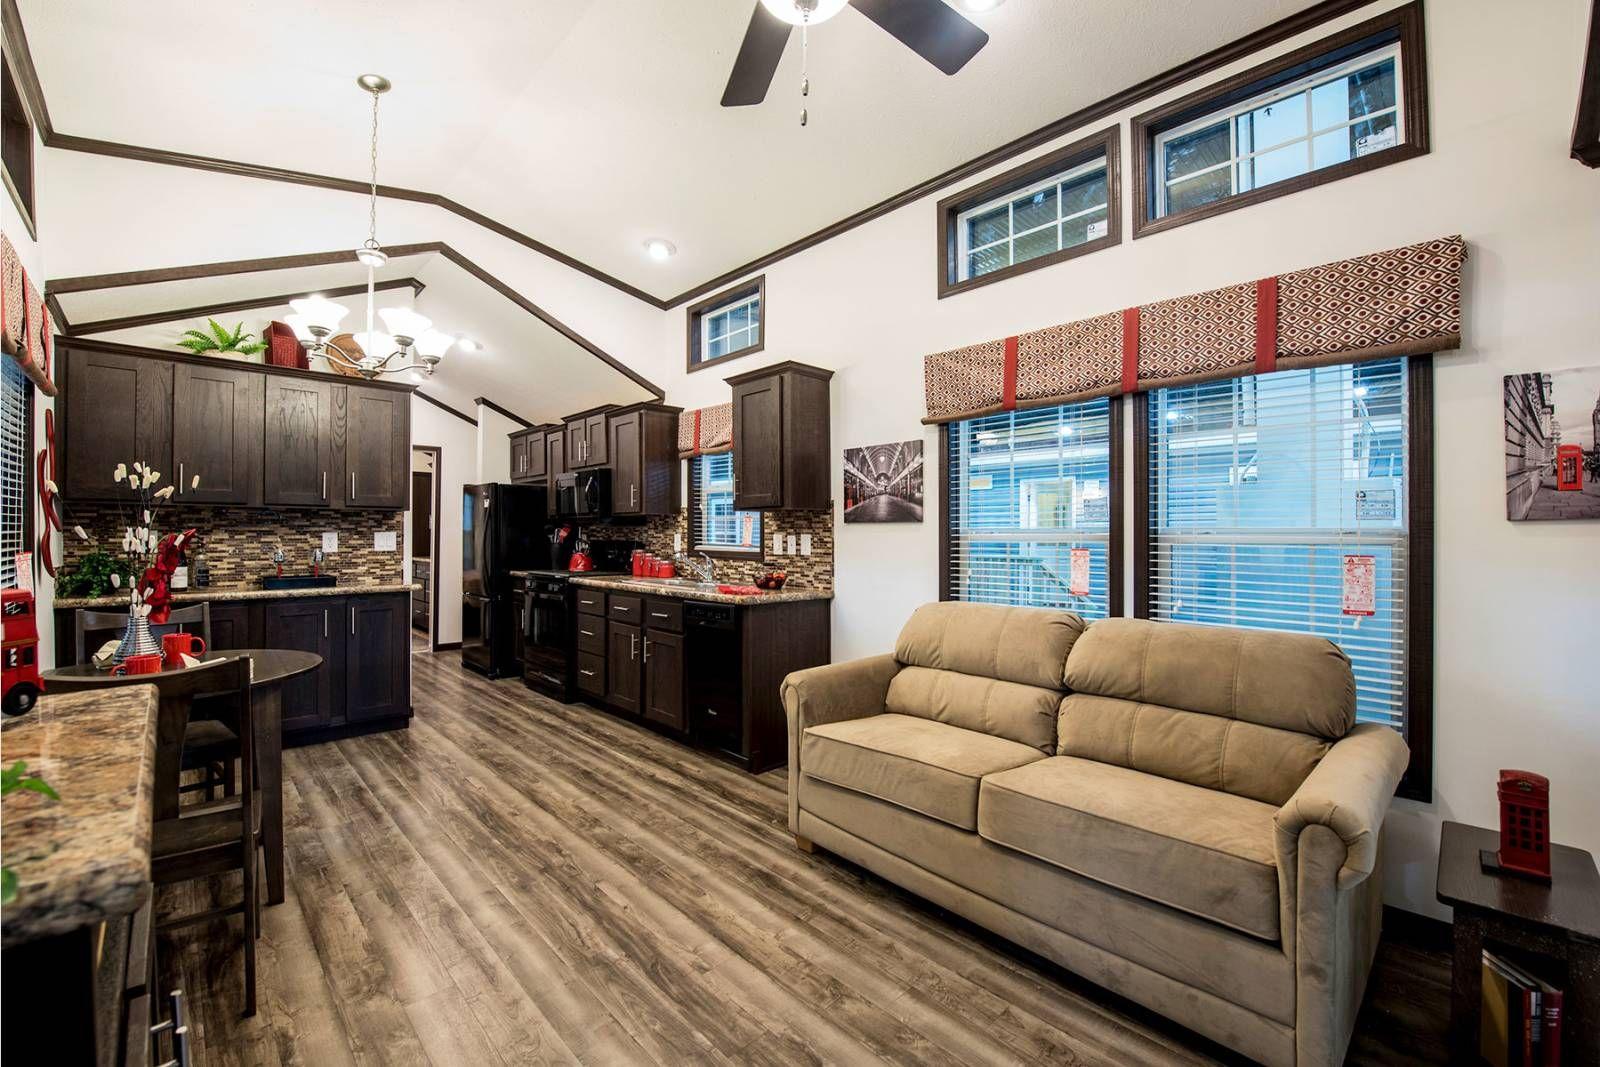 Park Model Rvs Atlantic Homes Pennsylvania Home Park Models Small Spaces